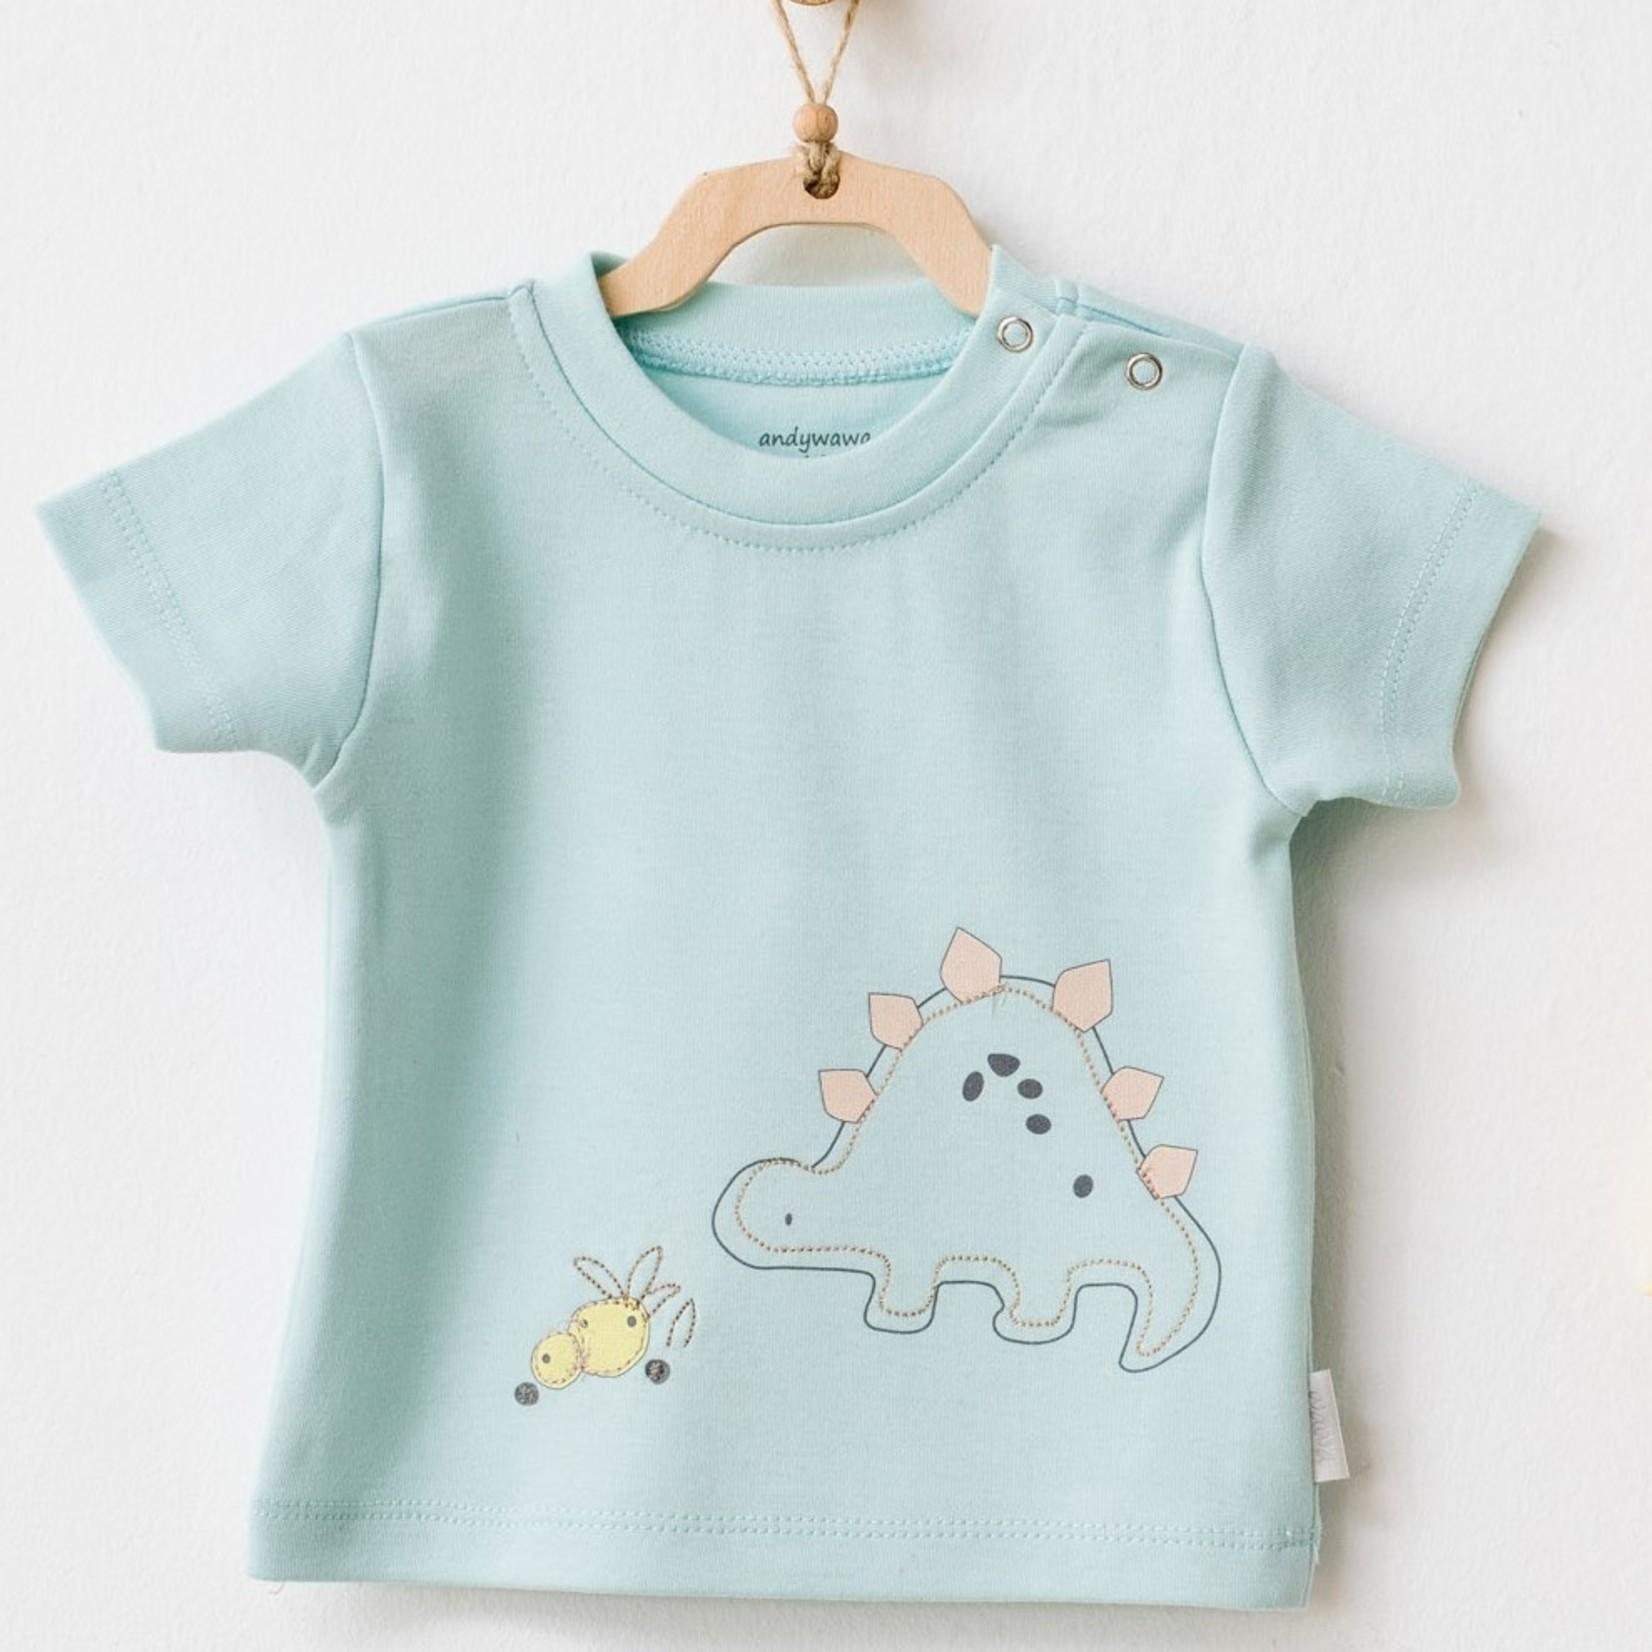 Babyjongens Short & T-shirt Kleding Set Dino Team